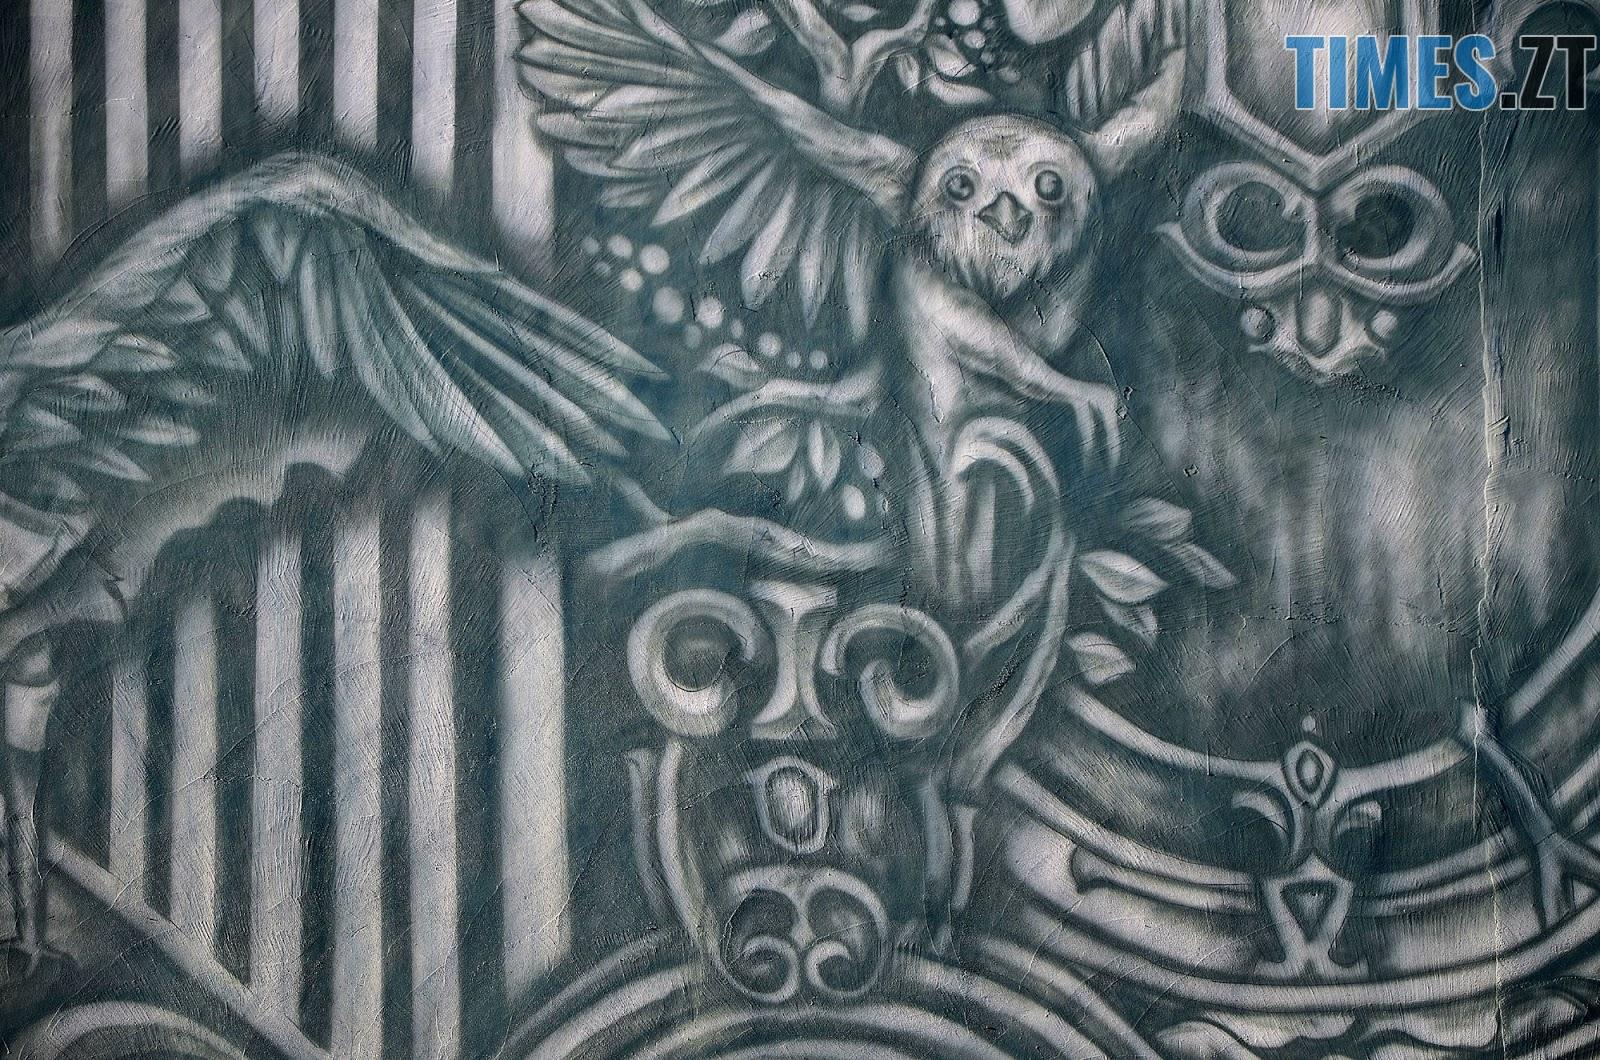 Krab 6 - Новий мурал «Трисвіт» як наймасштабніший витвір вуличного мистецтва у Житомирі